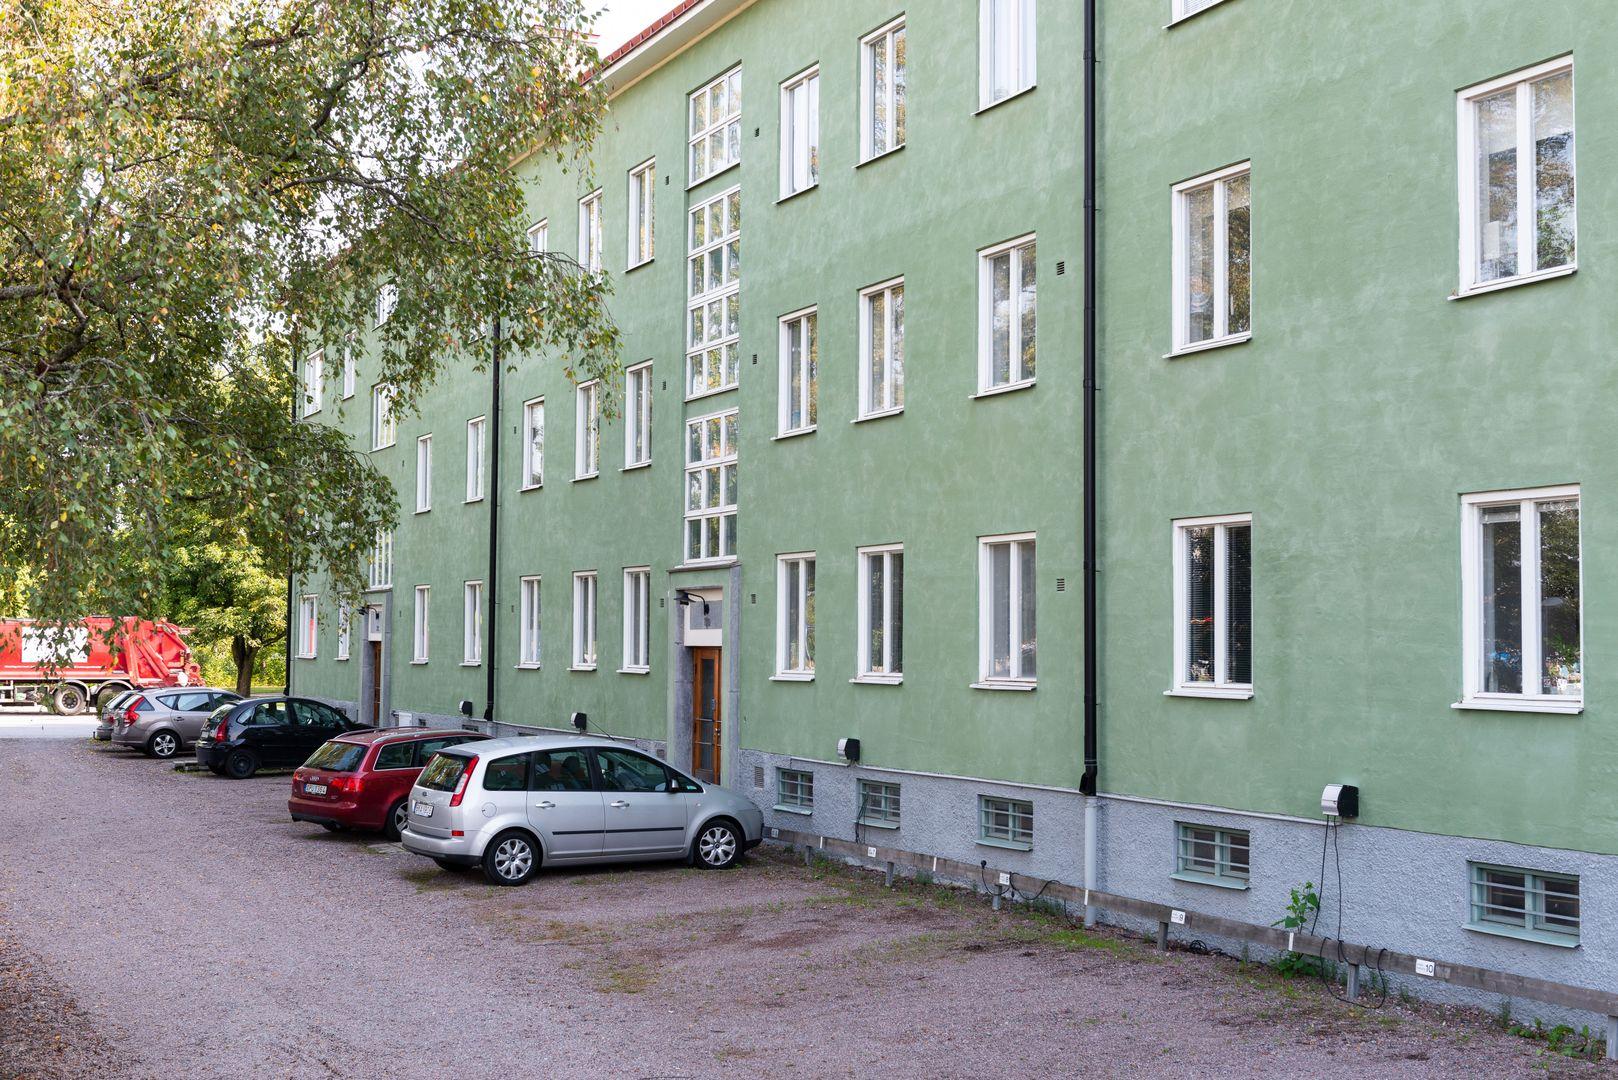 Huset sett från andra hållet